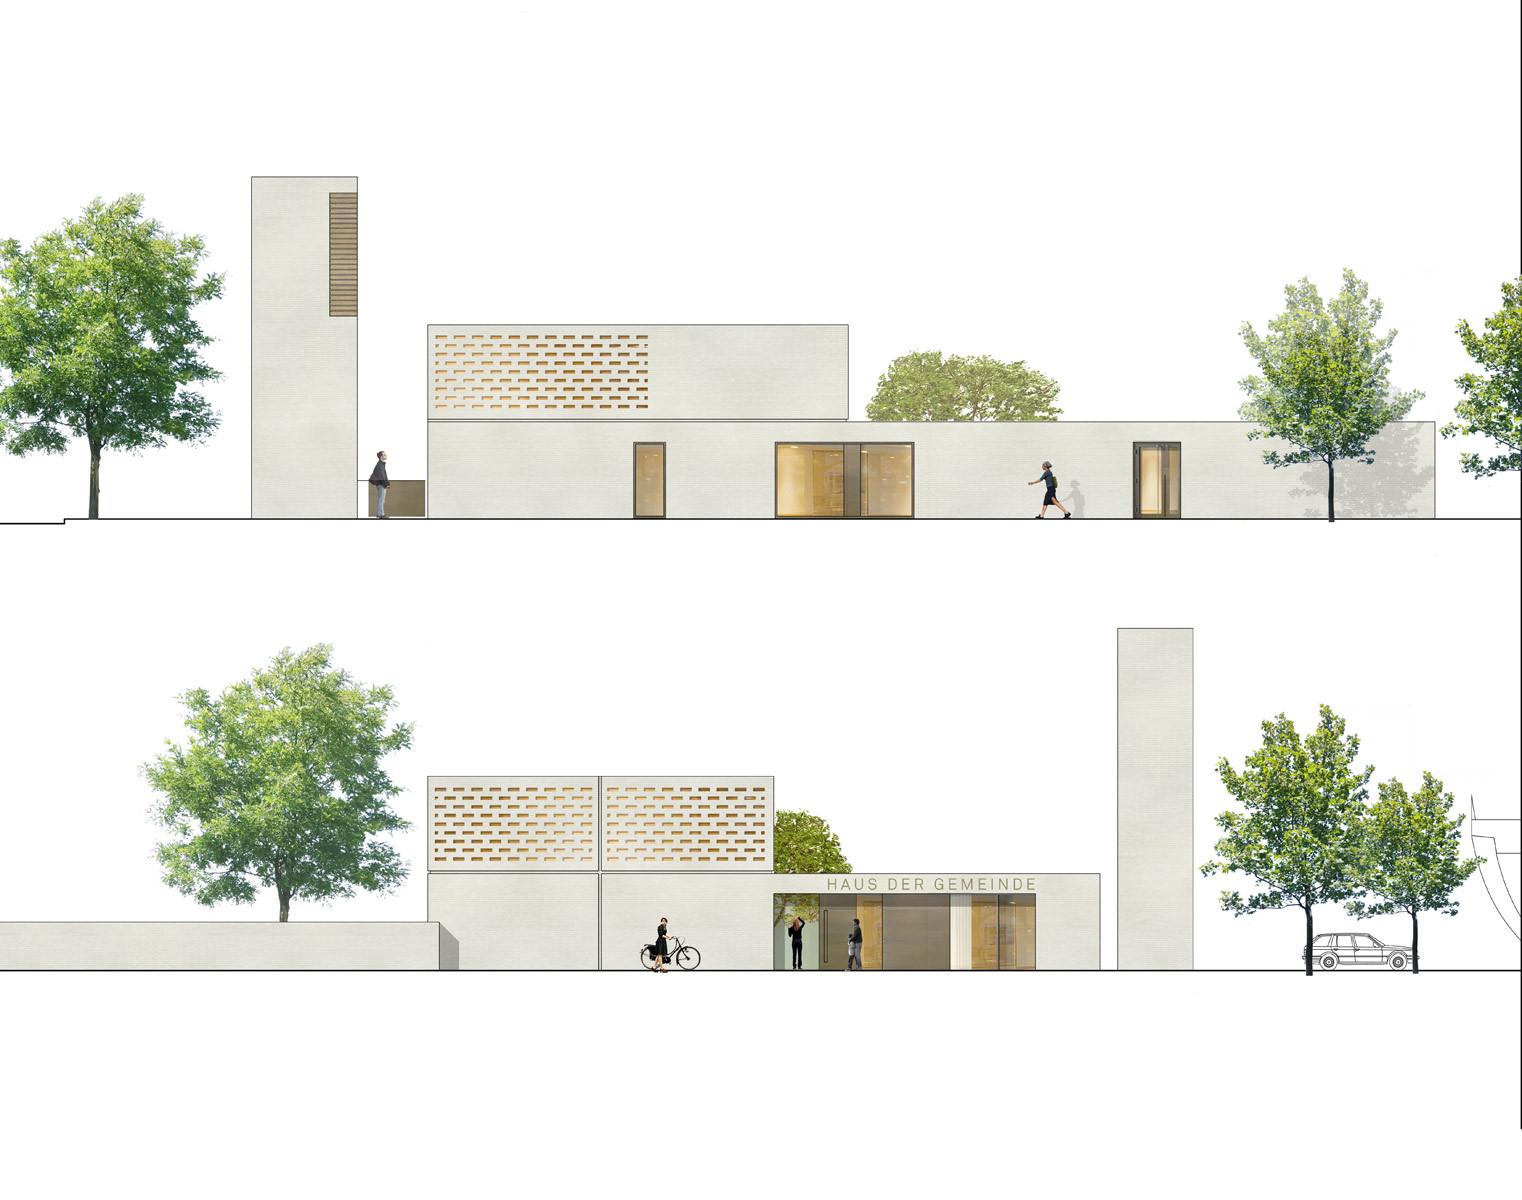 Dreibund architekten 290 kirchenzentrum homberg - Dreibund architekten ...